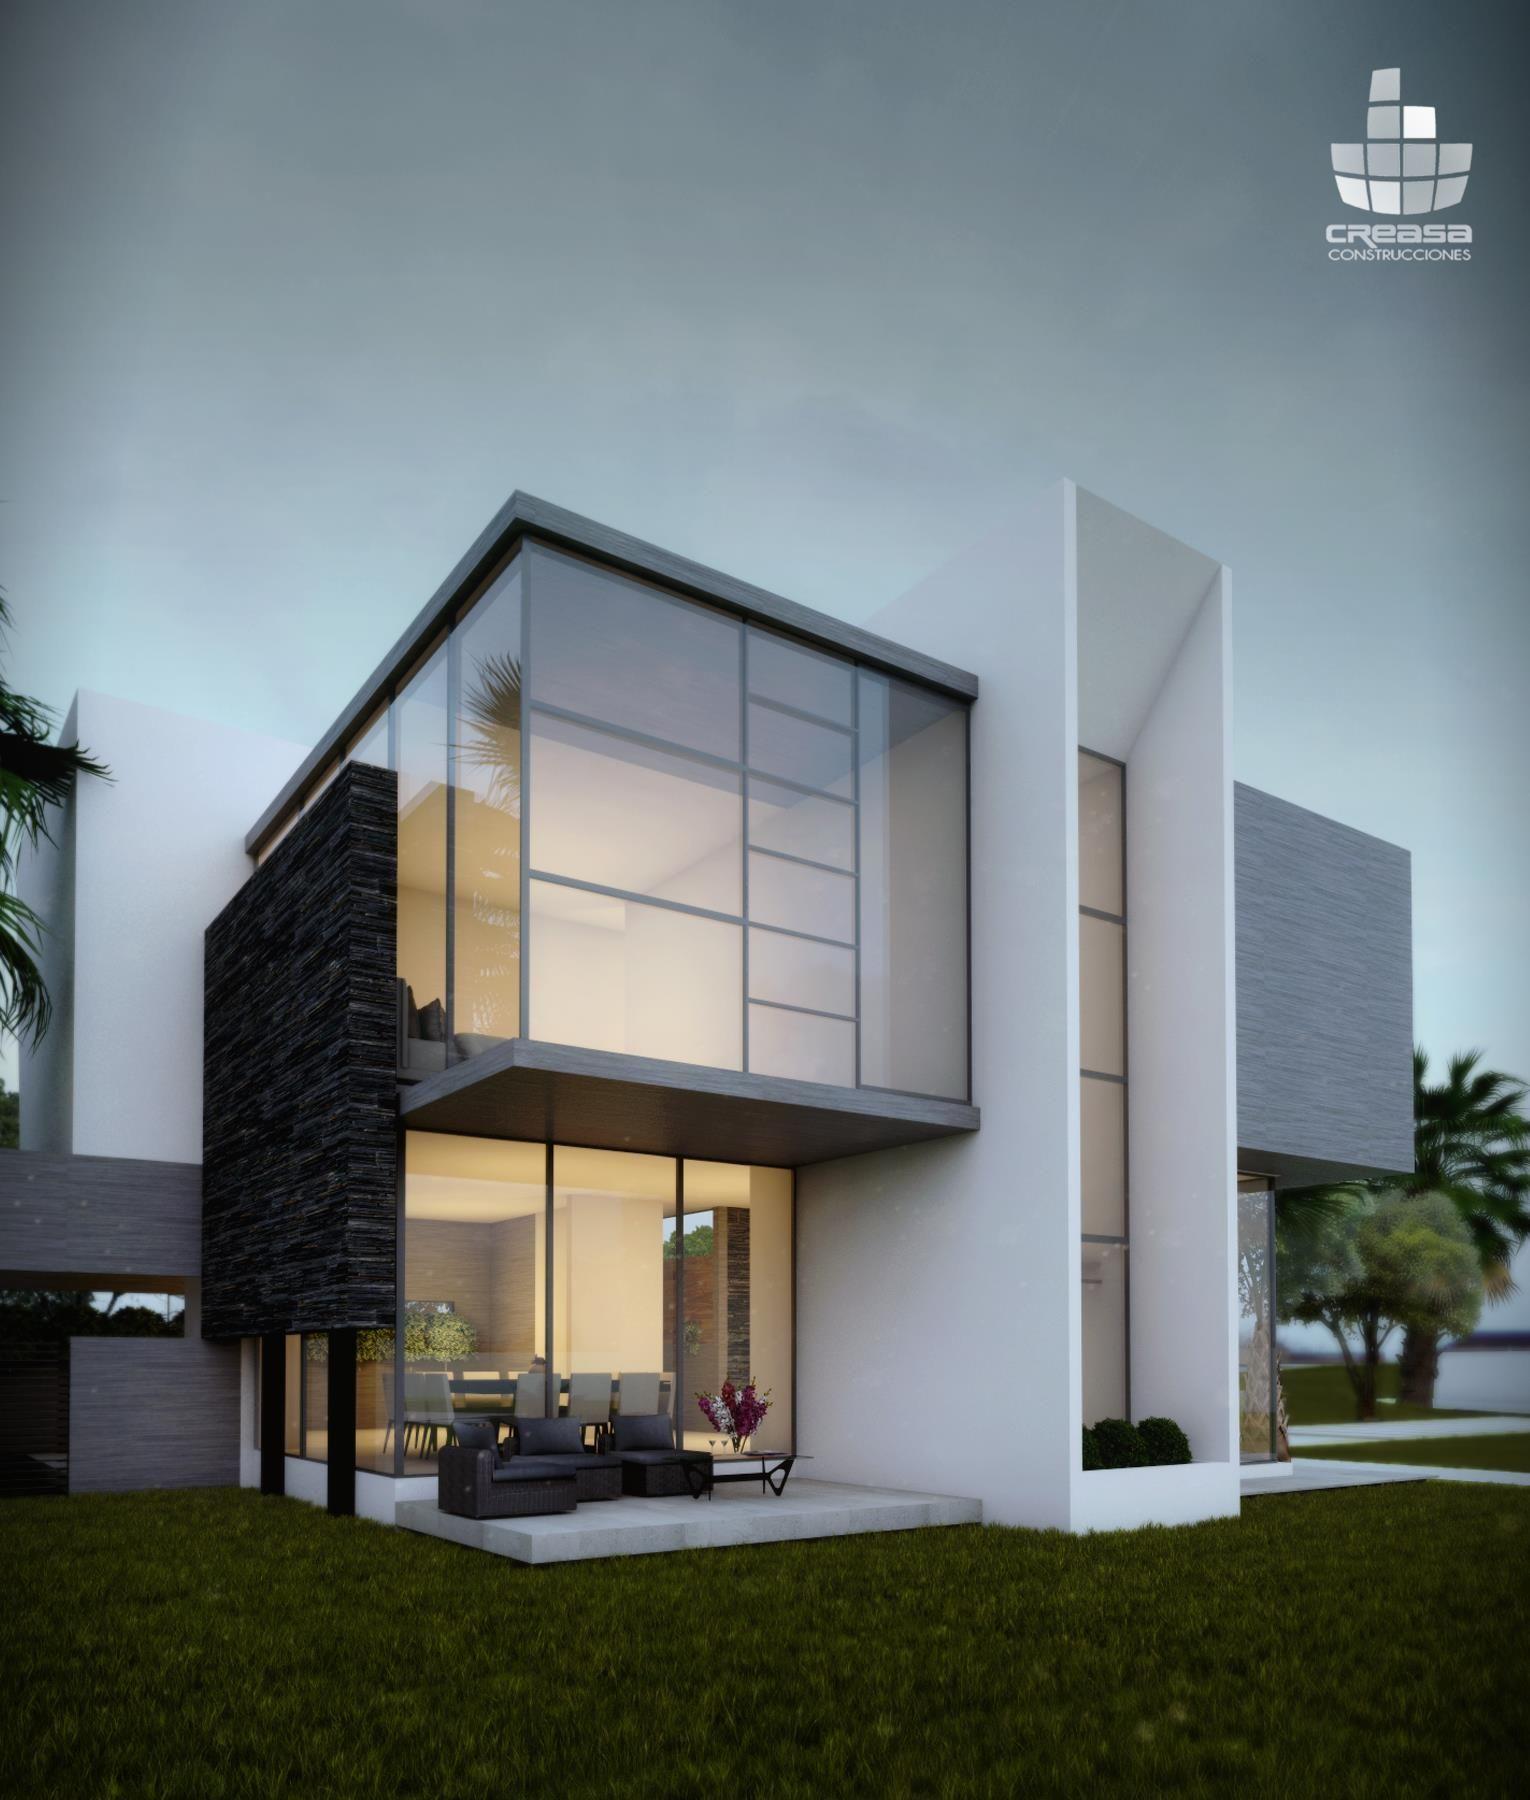 Comparateur Constructeur Maison